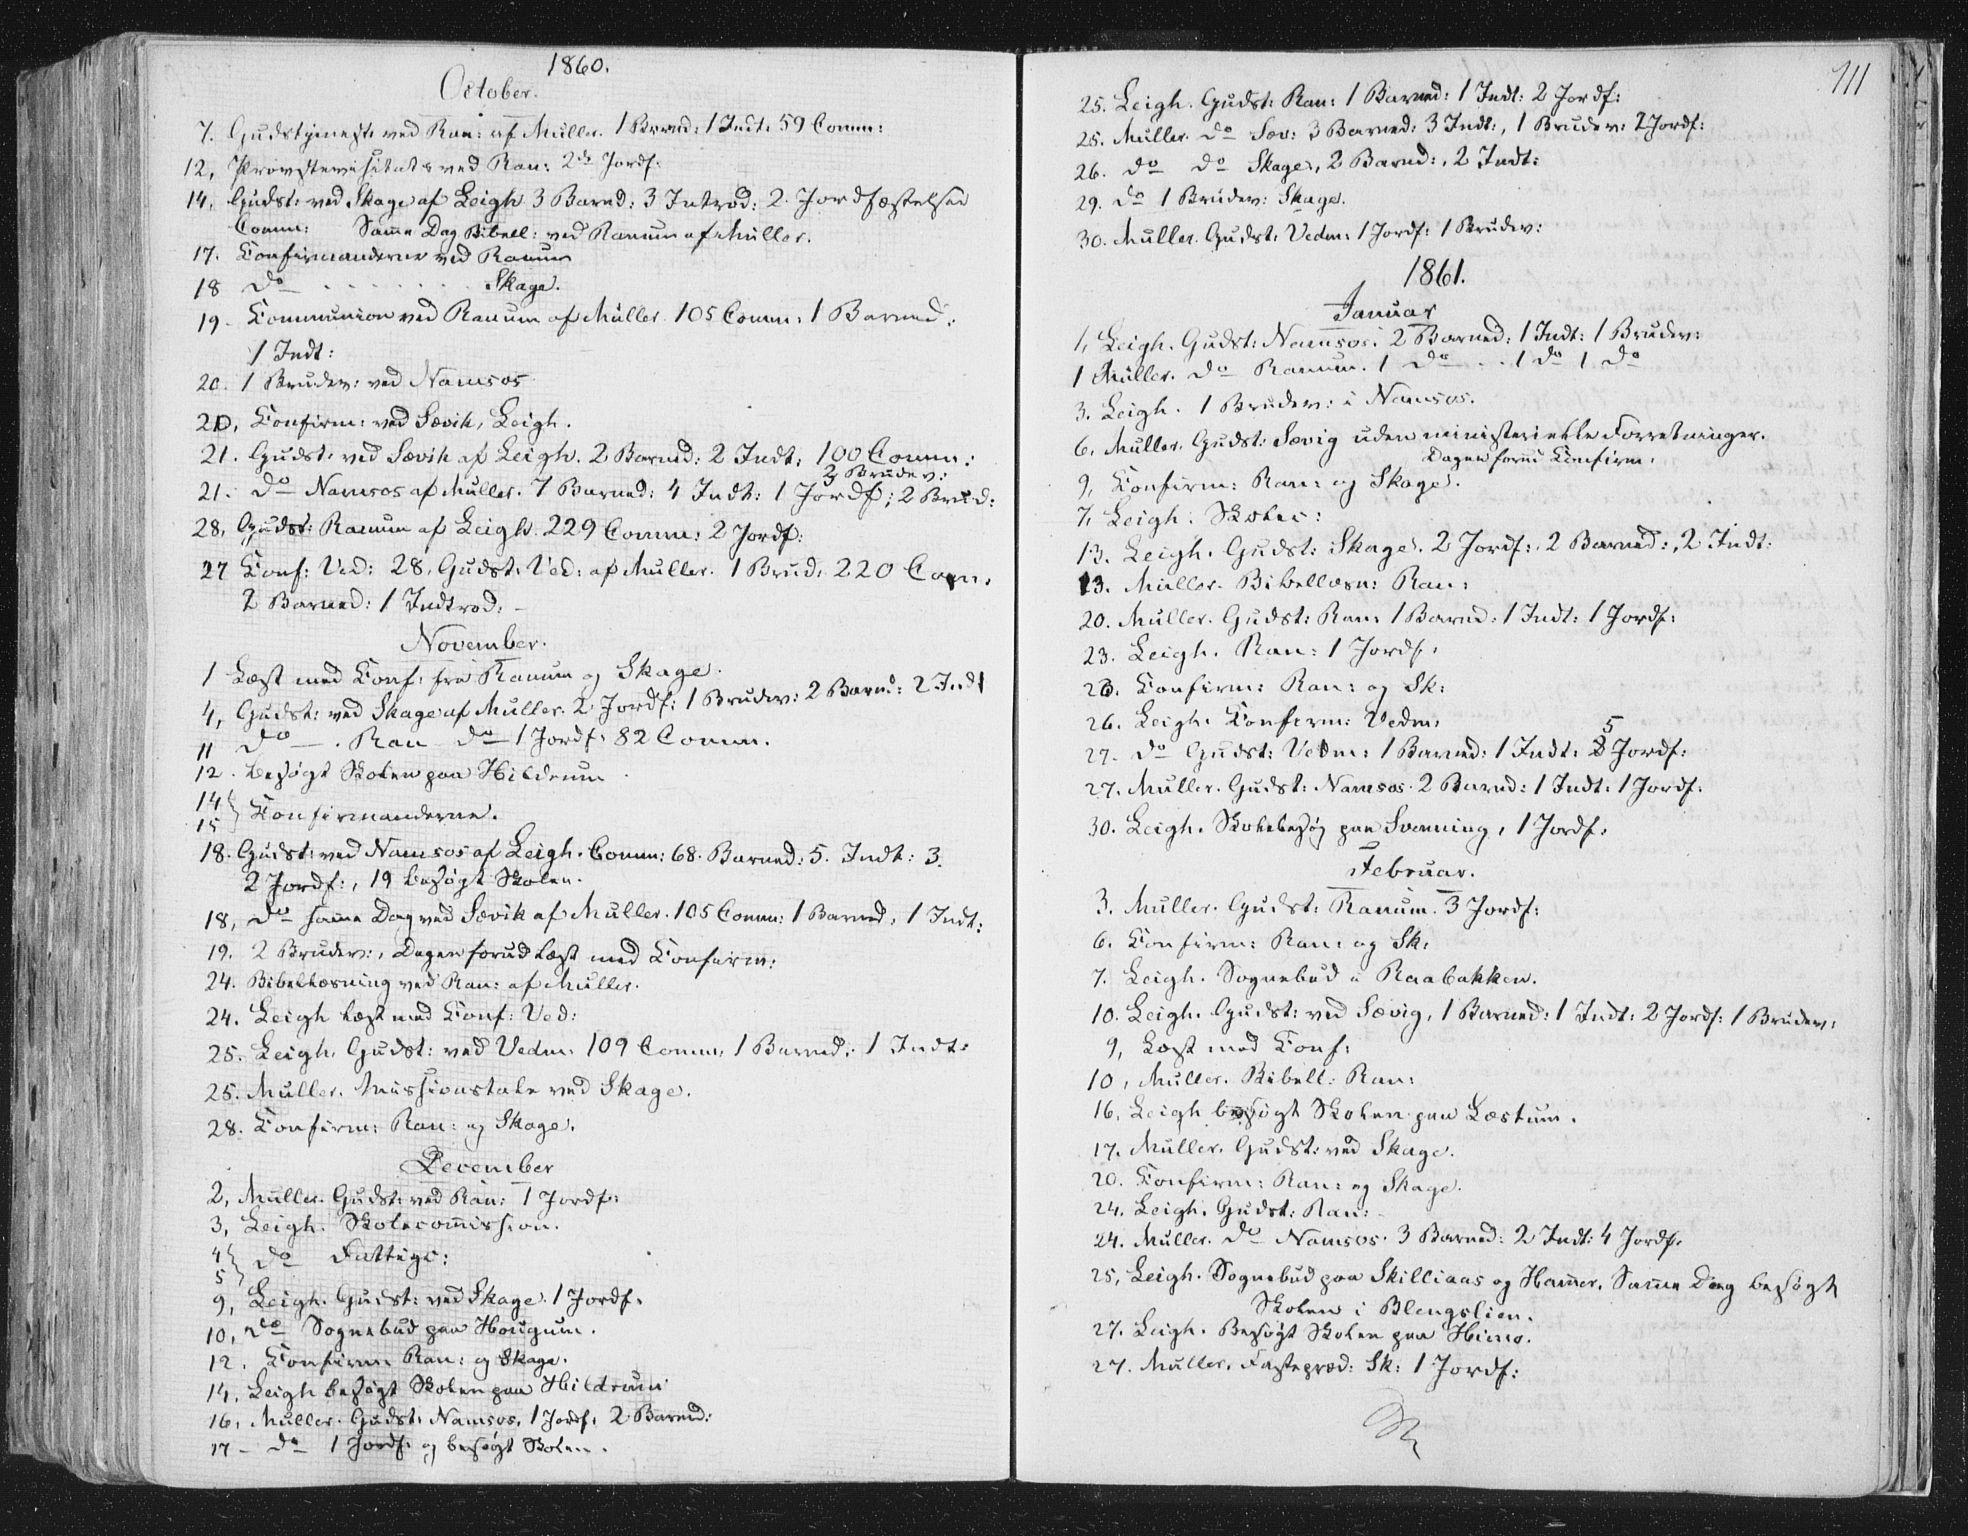 SAT, Ministerialprotokoller, klokkerbøker og fødselsregistre - Nord-Trøndelag, 764/L0552: Ministerialbok nr. 764A07b, 1824-1865, s. 711